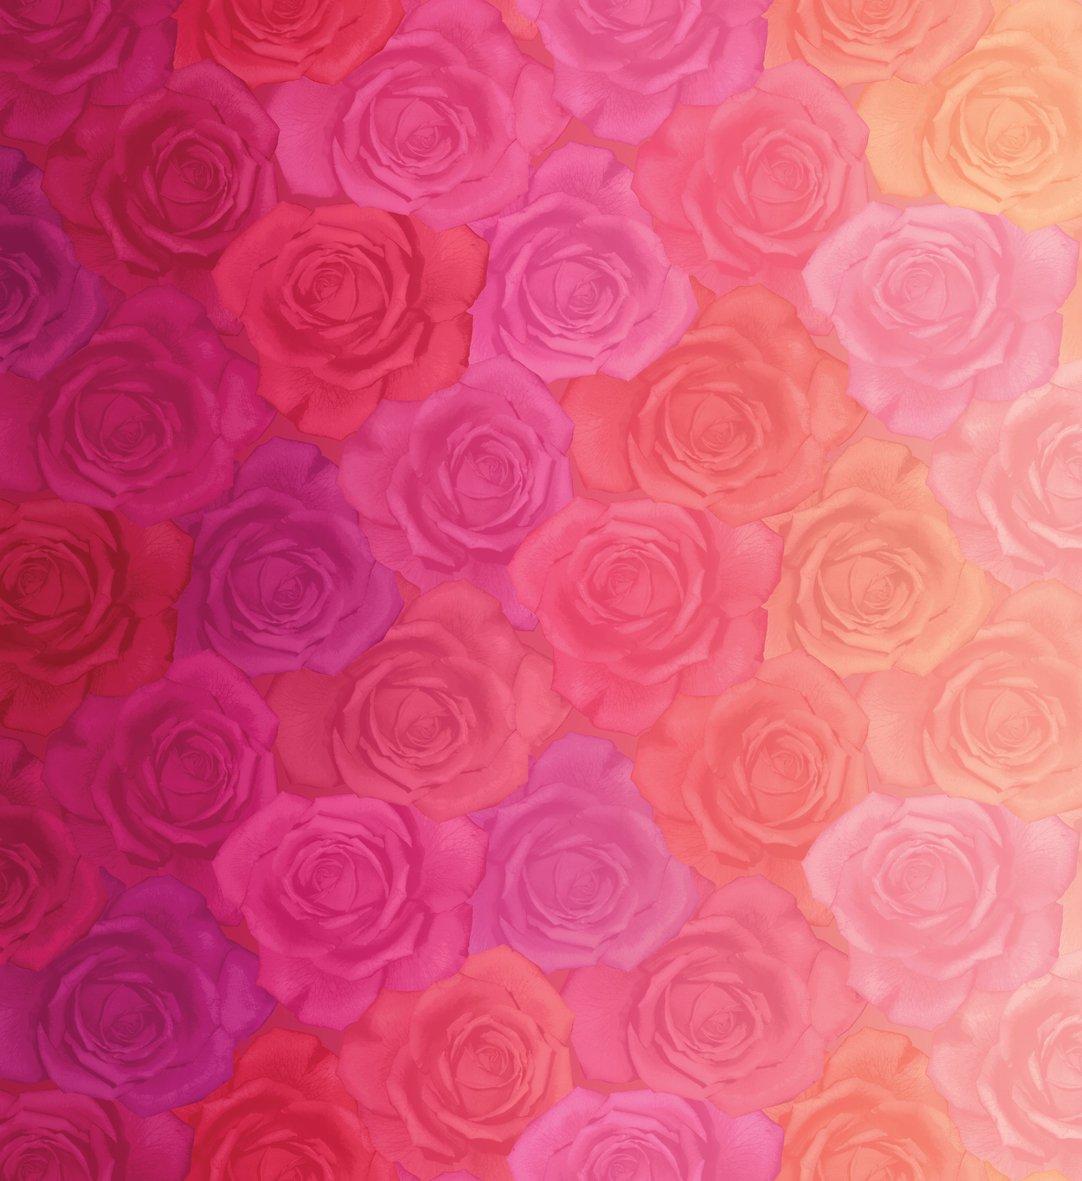 Gradients - Pink Roses